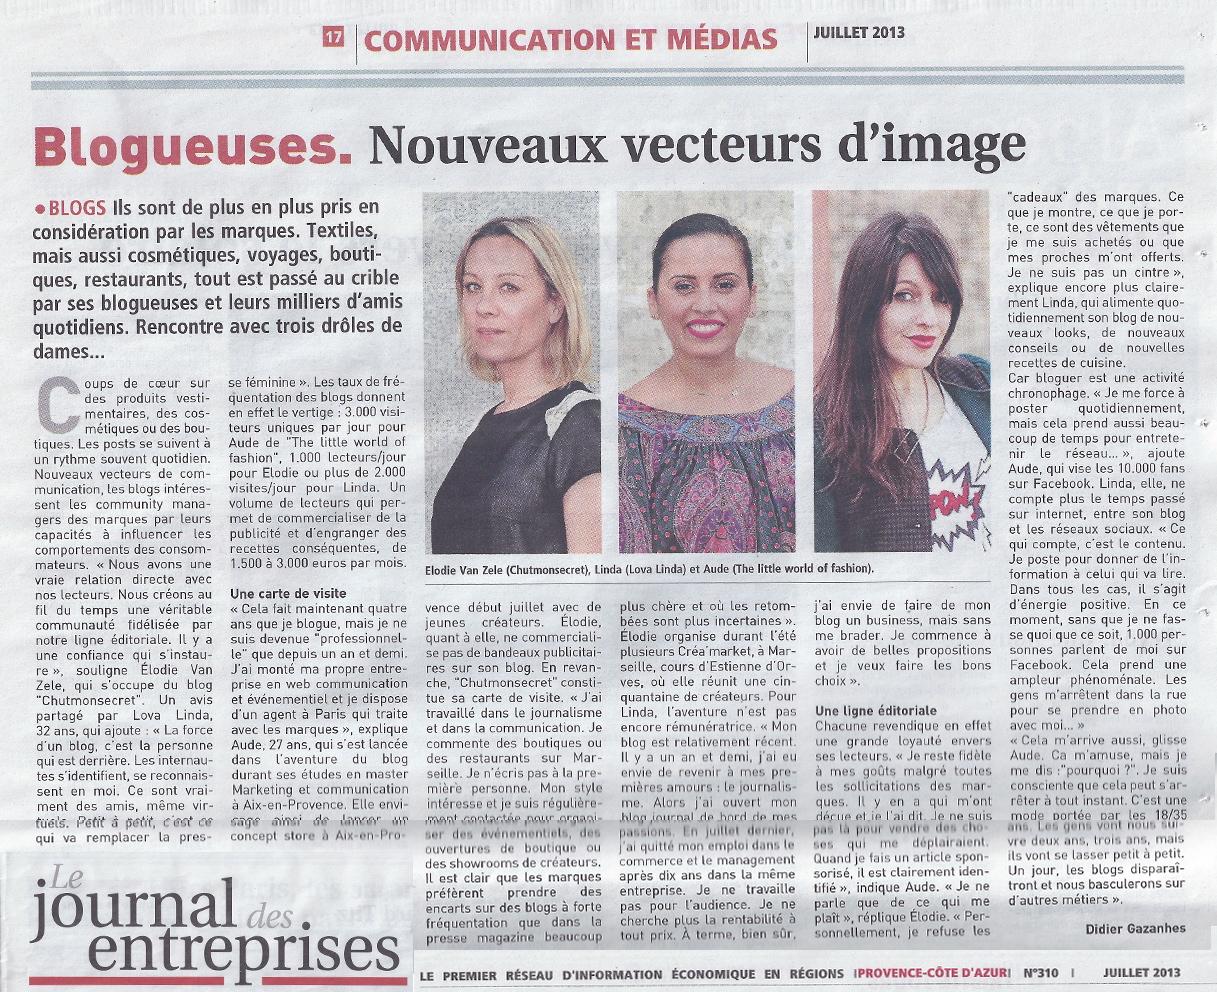 LovaLinda x Le Journal des Entreprises